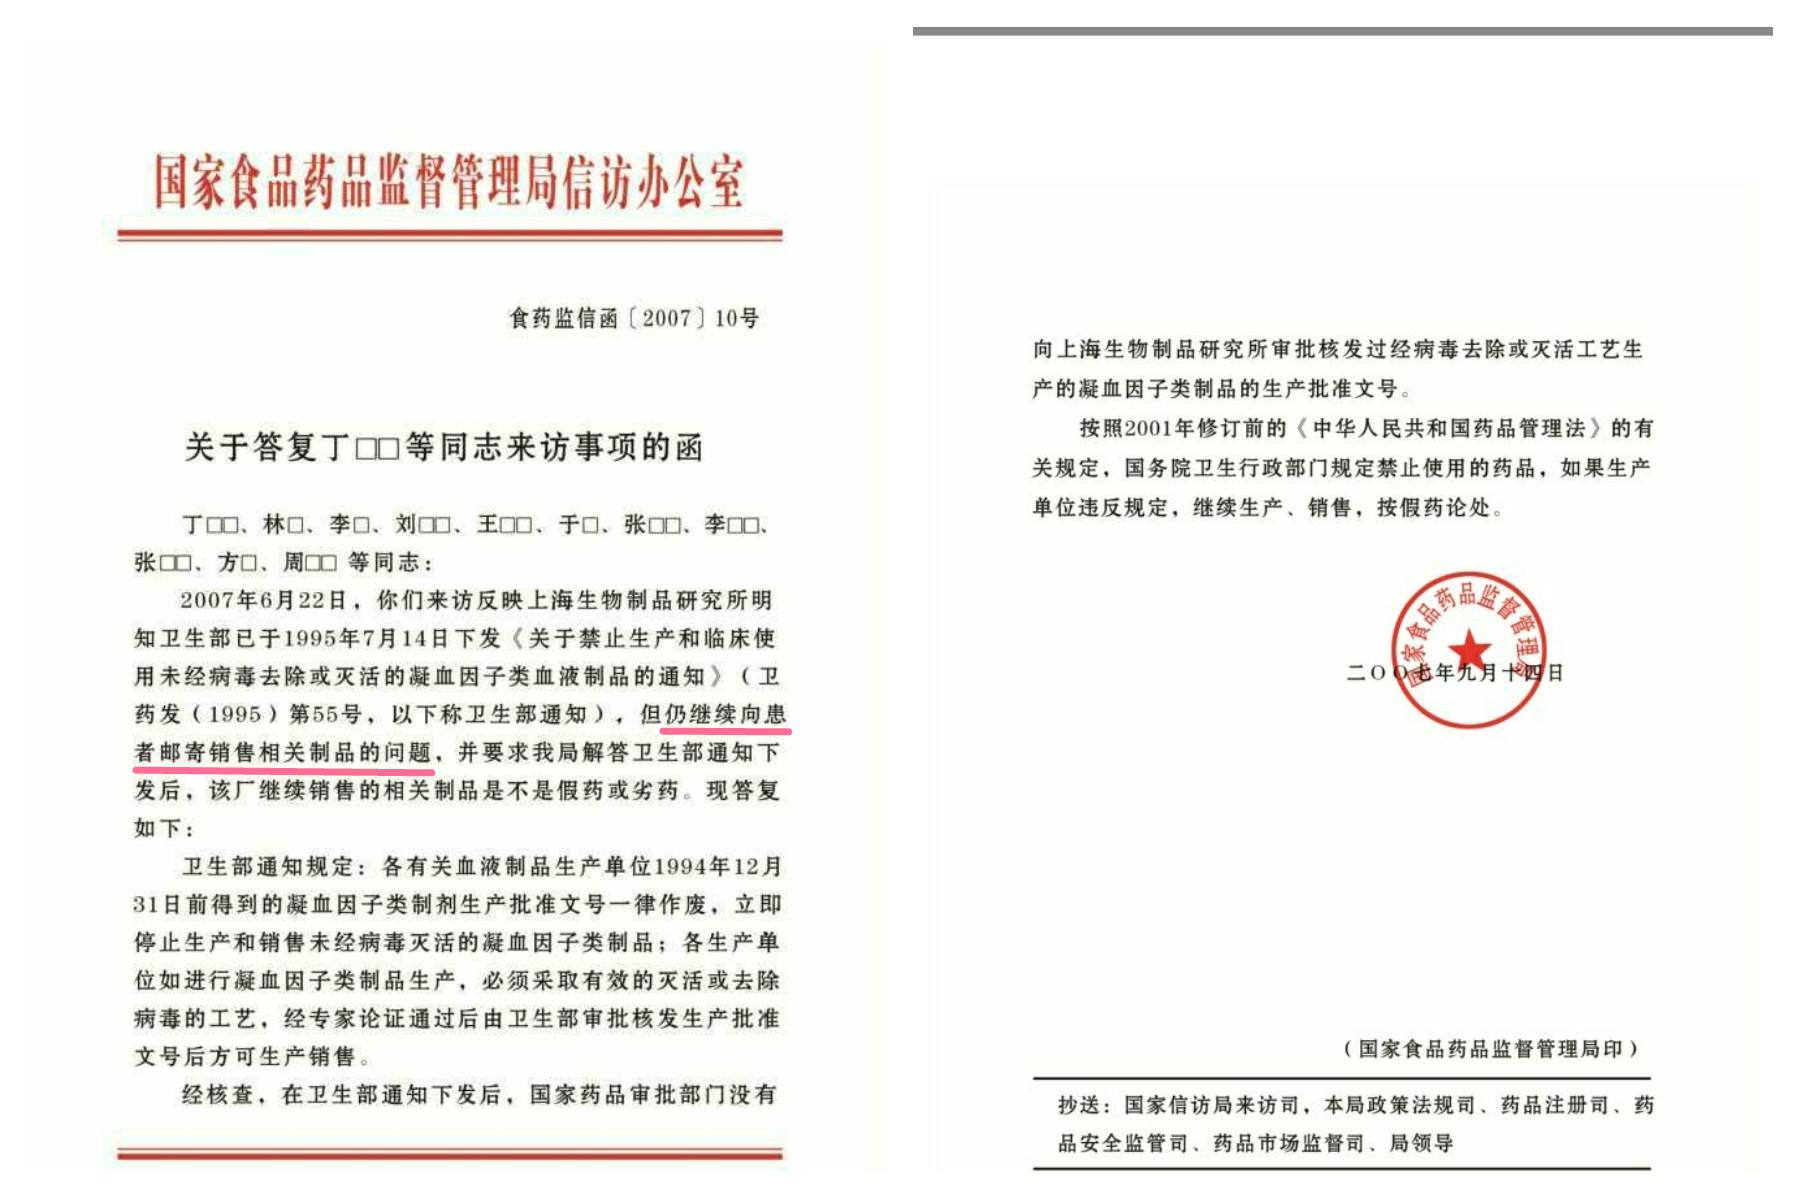 上海生物研究所被曝向患者郵寄銷售未經病毒去除或滅活的凝血因子類血液製品。(受訪人提供)